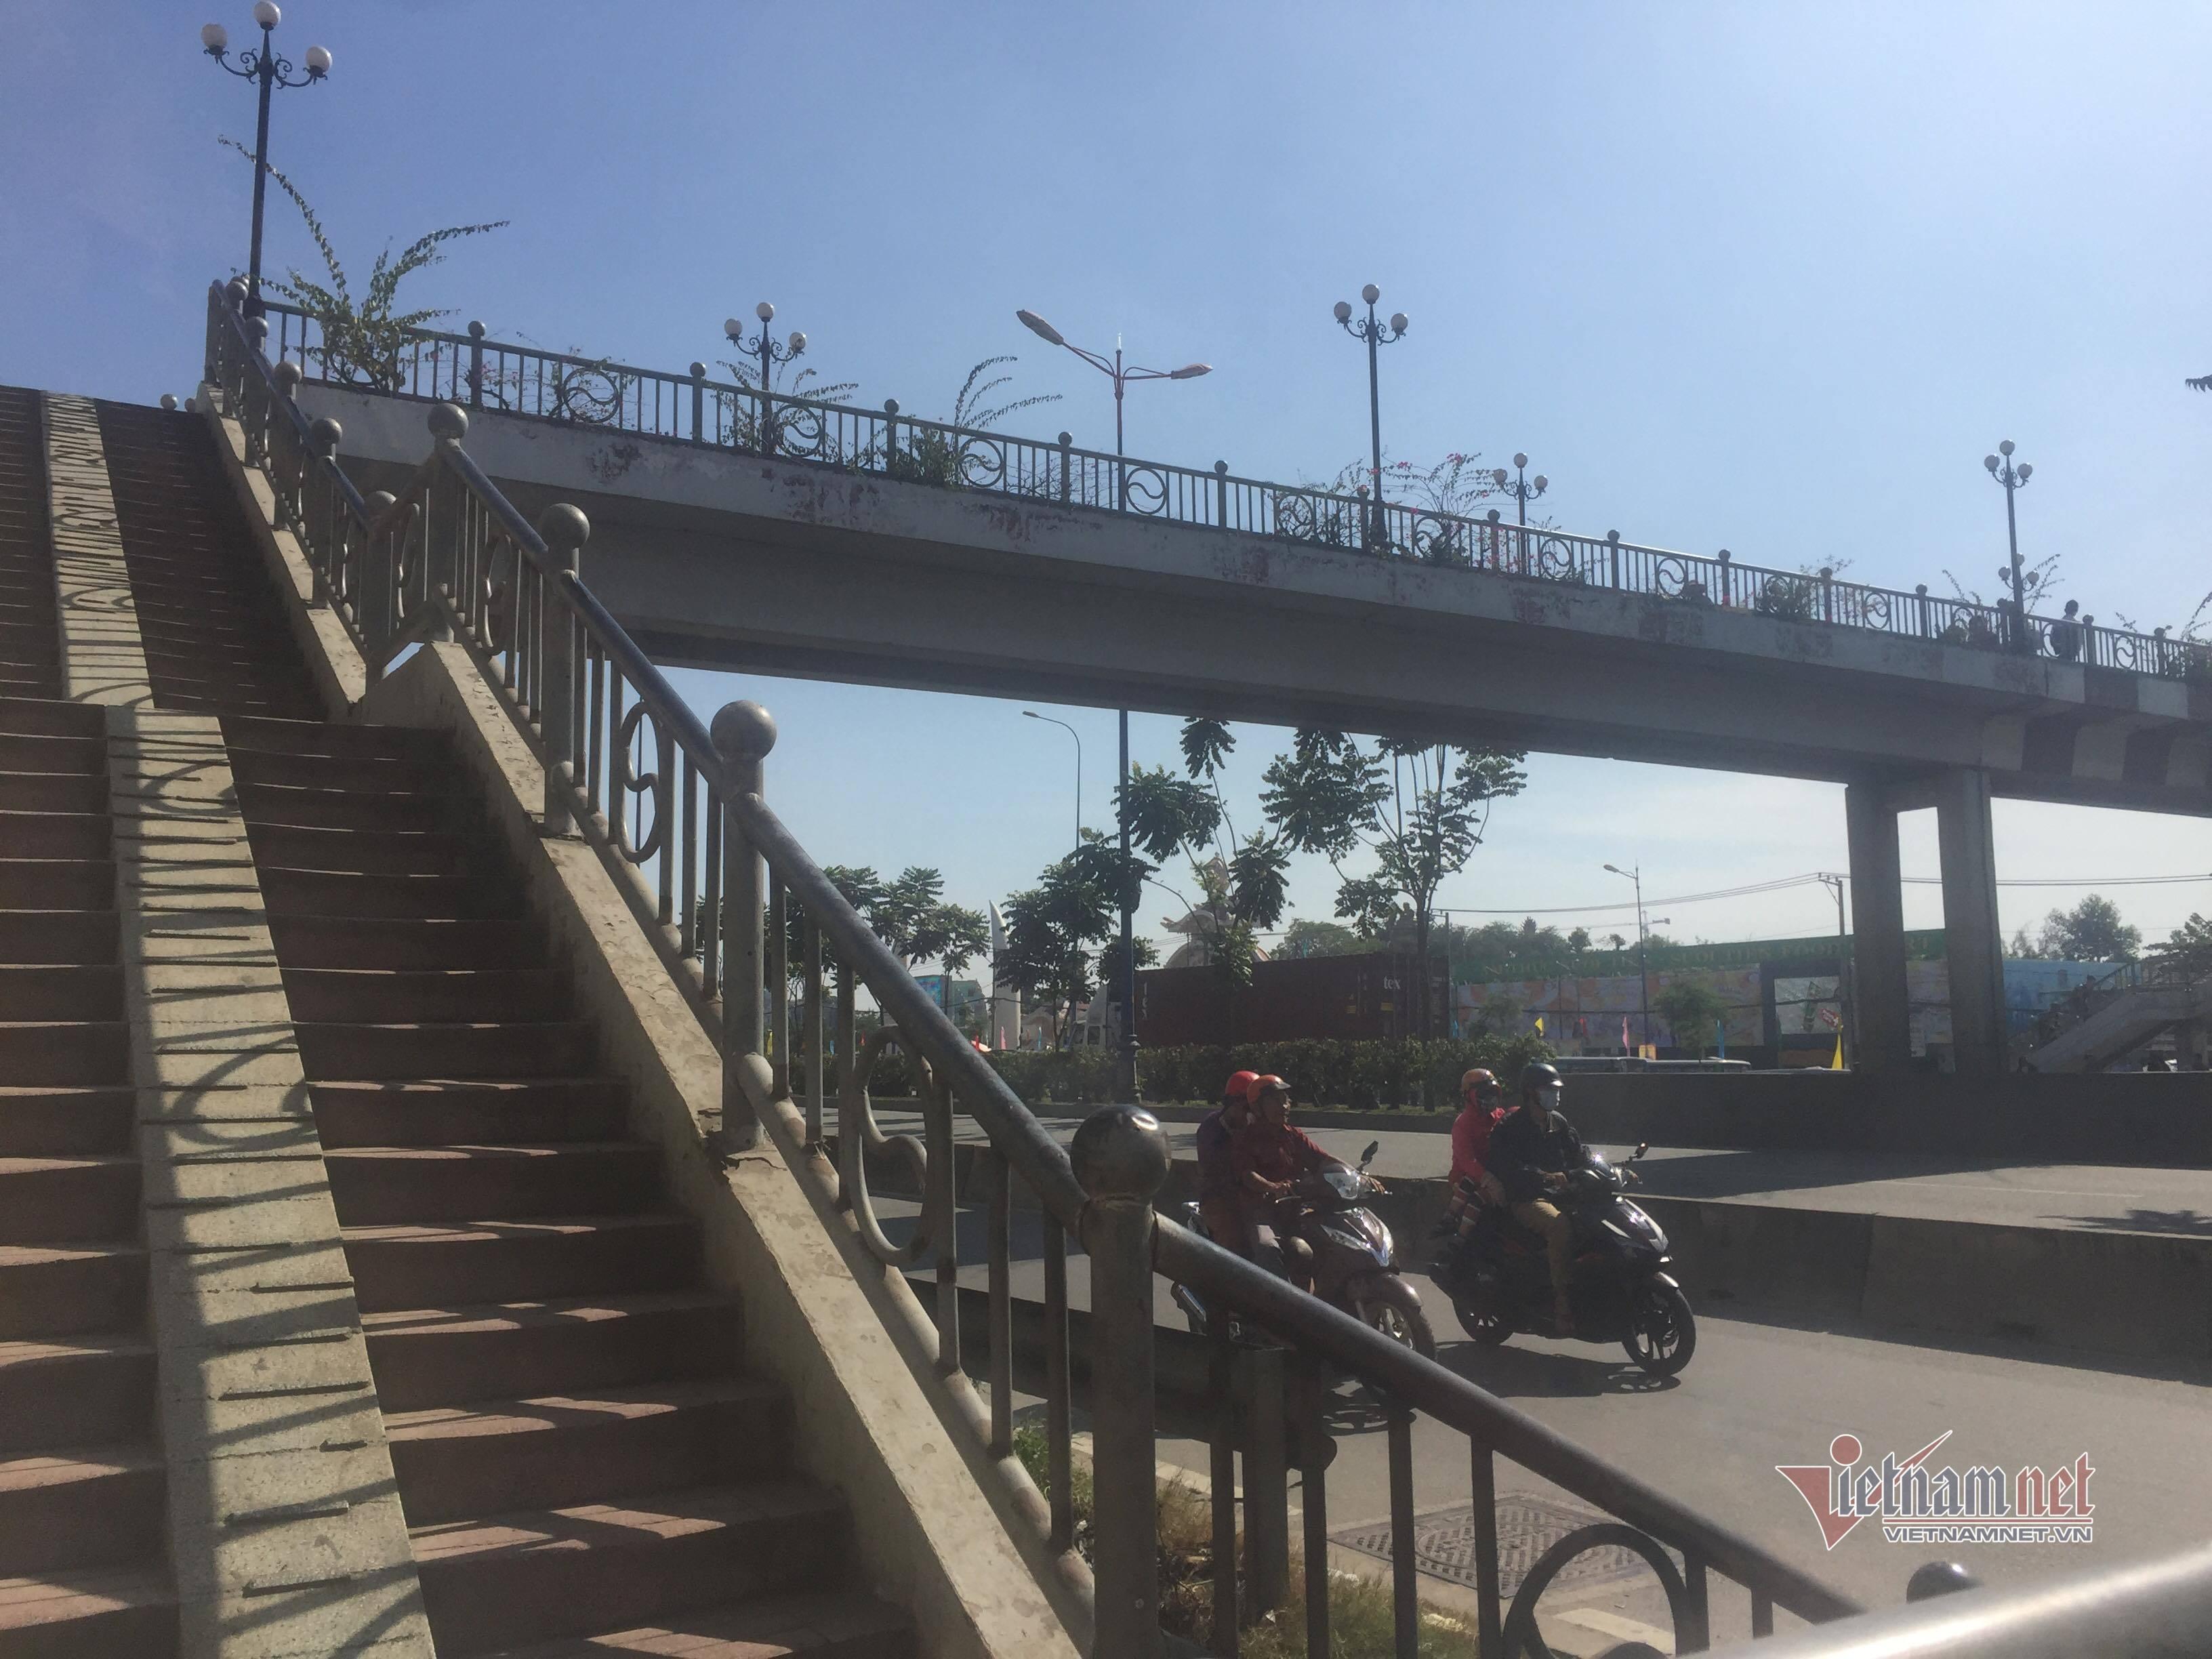 Nữ sinh nôn ói rồi tử vong trên cầu bộ hành ở cửa ngõ Sài Gòn